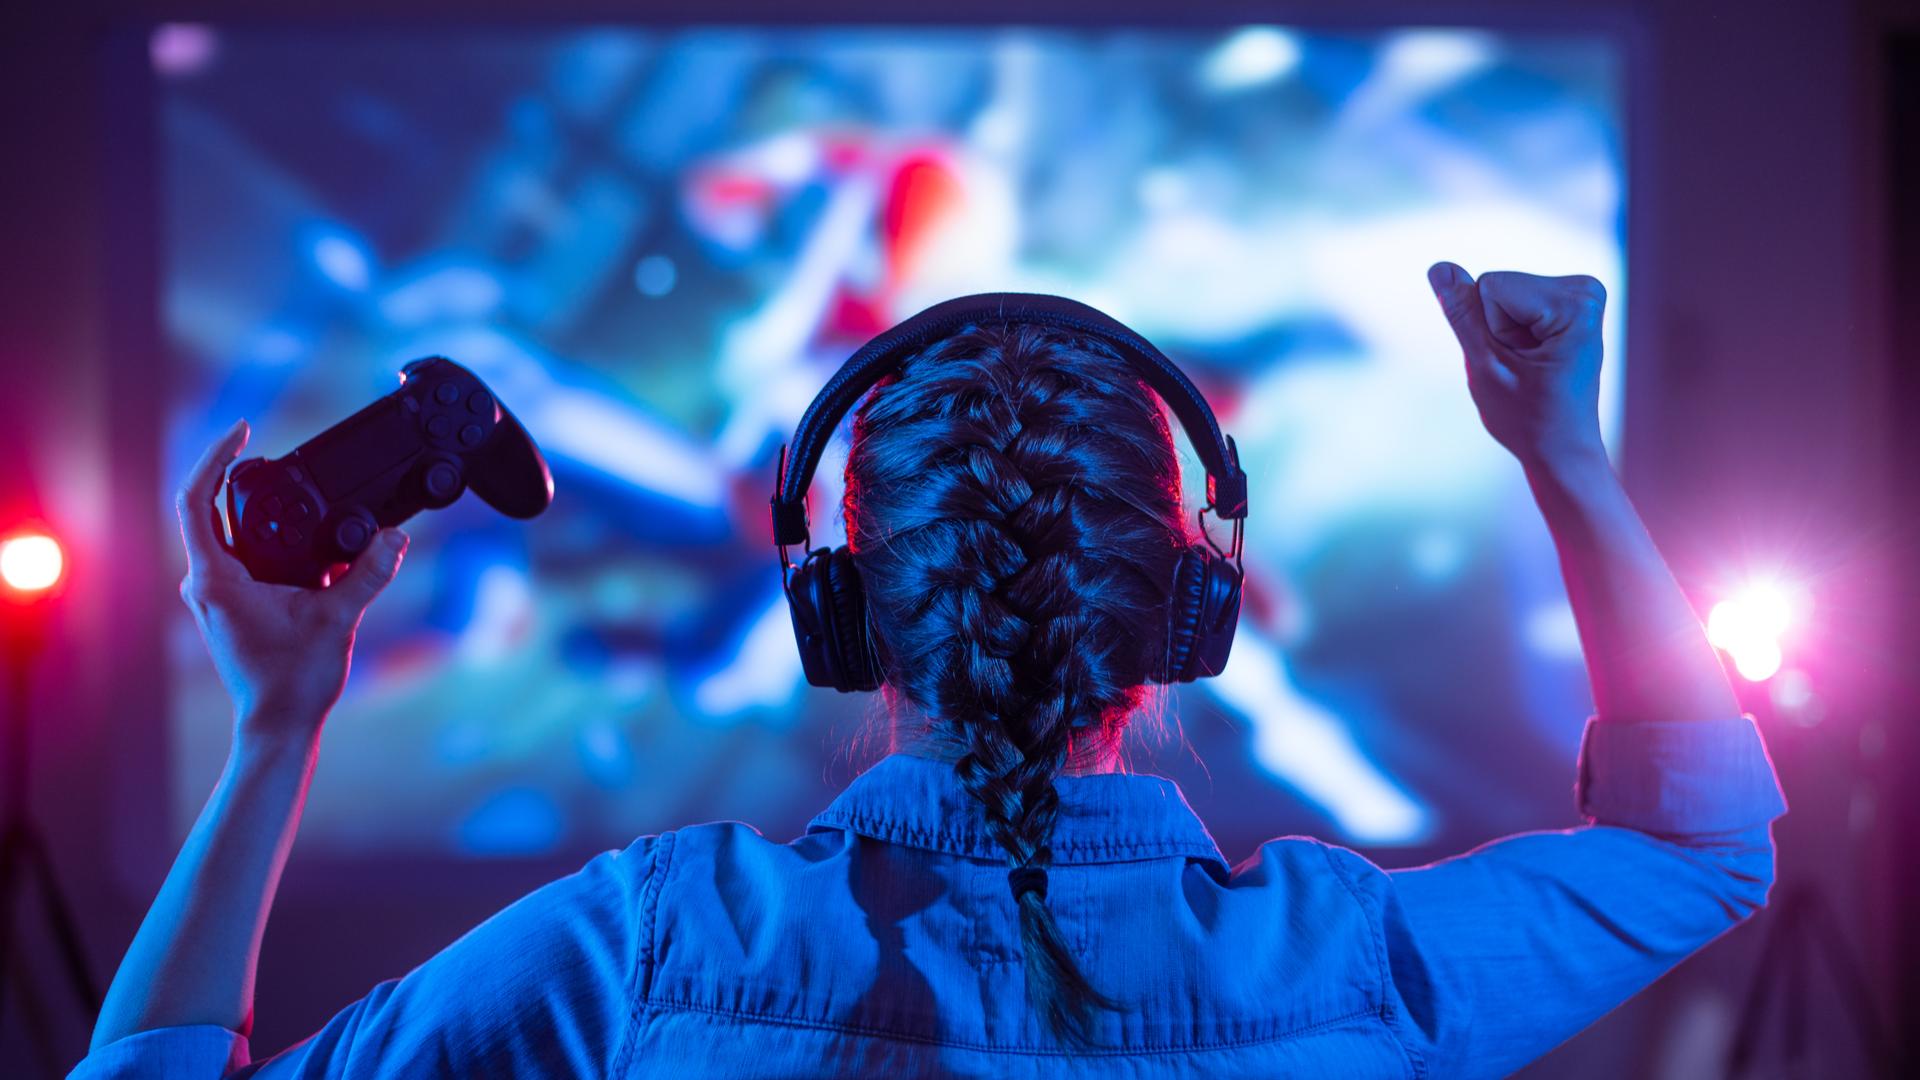 O efeito burn-in pode acontecer em TVs que ficam com imagens estáticas de jogos durante muitos dias seguidos. (Imagem: Anton27/Shutterstock)